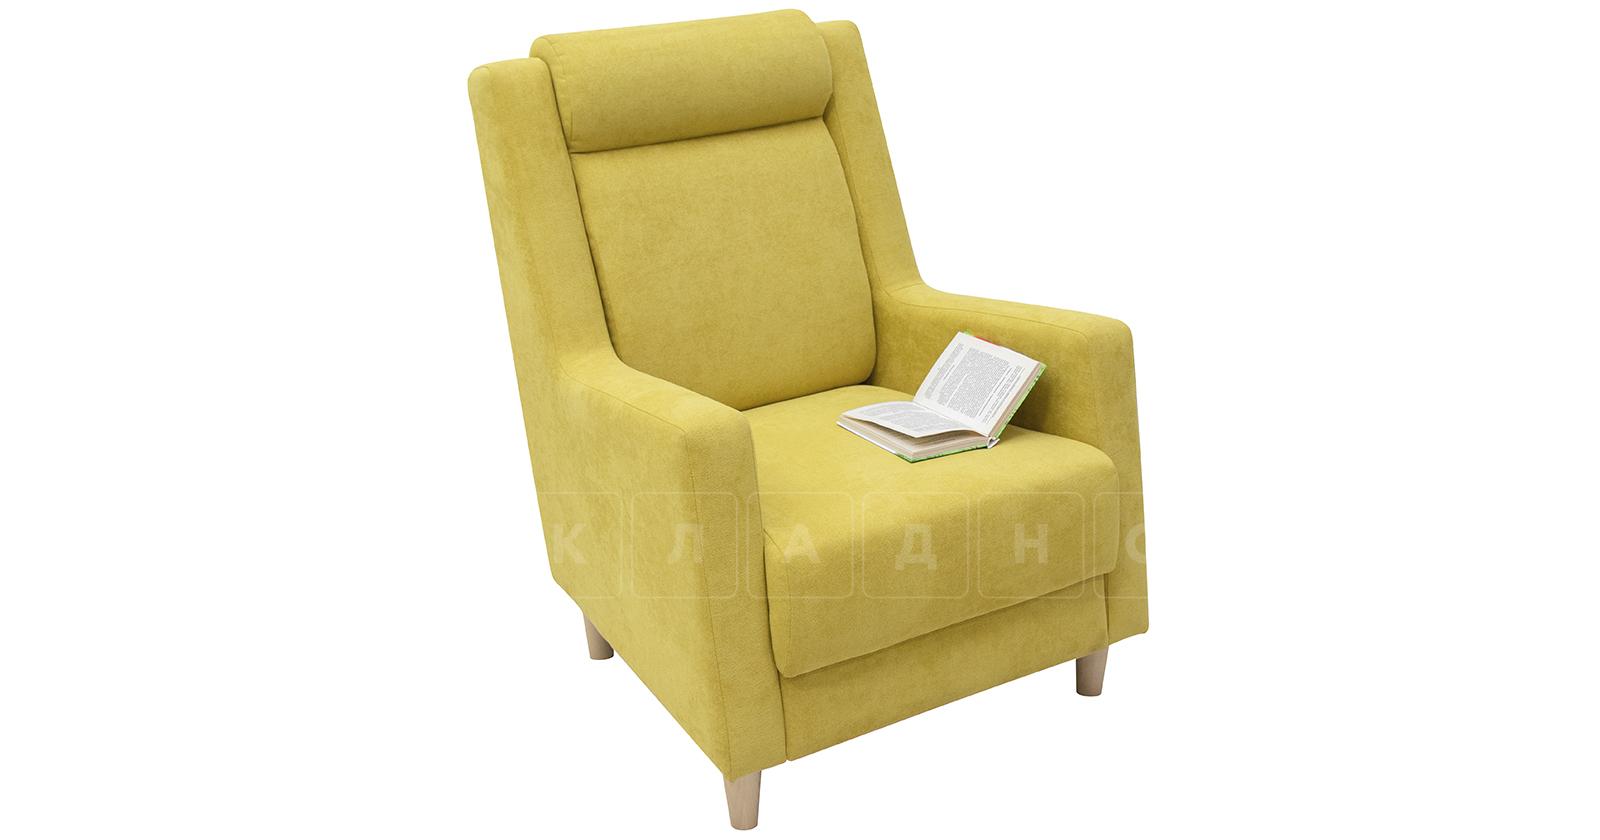 Кресло для отдыха Дарвин горчичный фото 5   интернет-магазин Складно